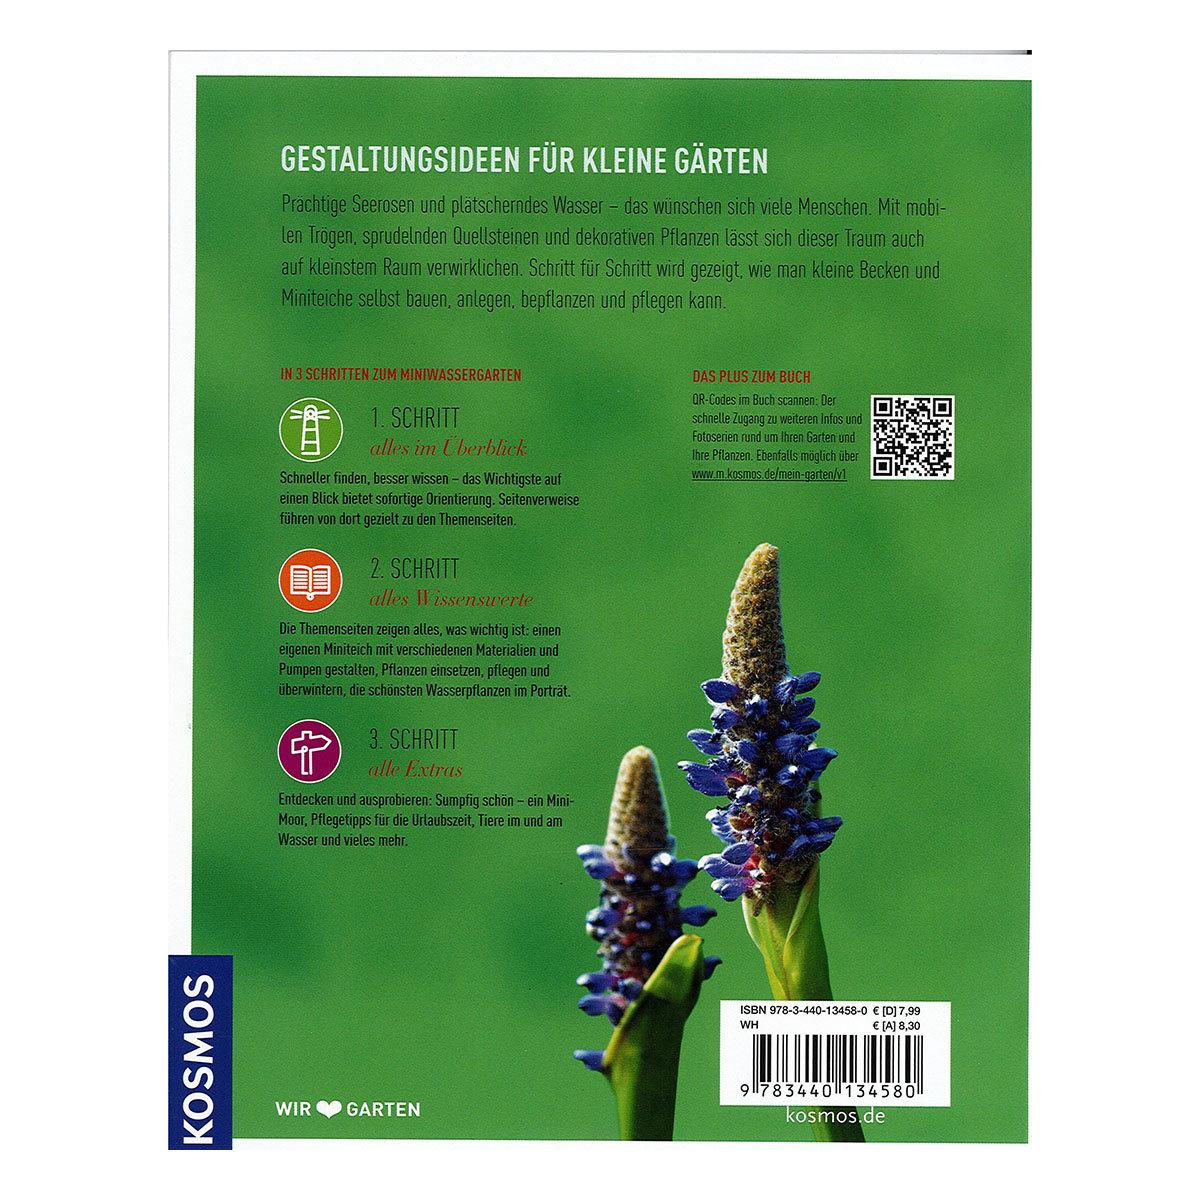 Miniwassergärten - Gestalten, pflanzen, pflegen | #2